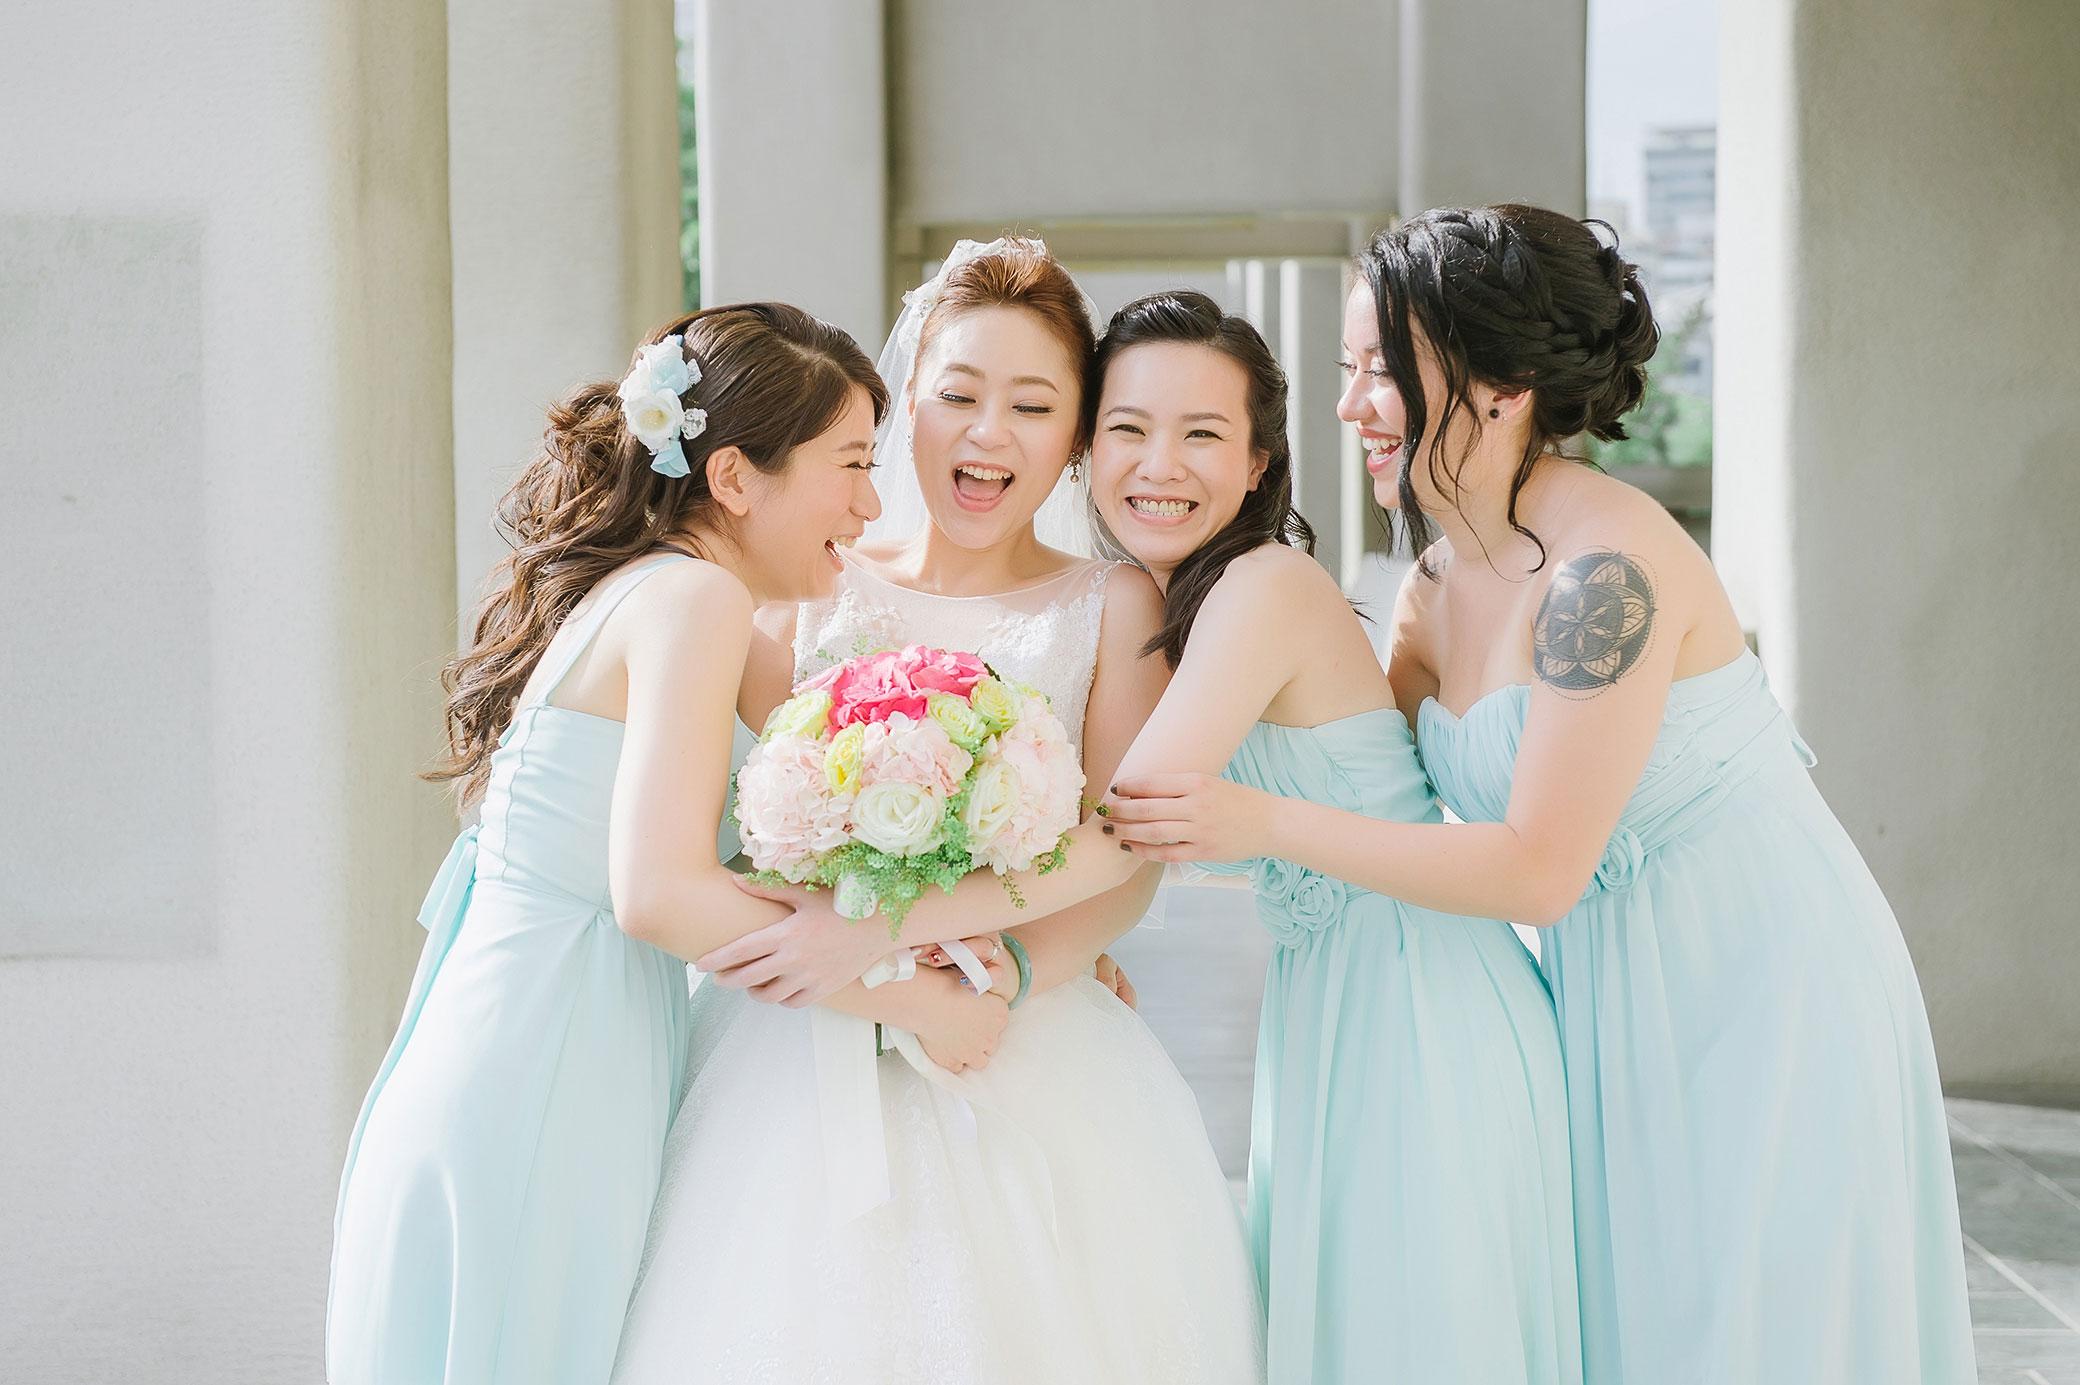 nickchang-realwedding-fineart-20